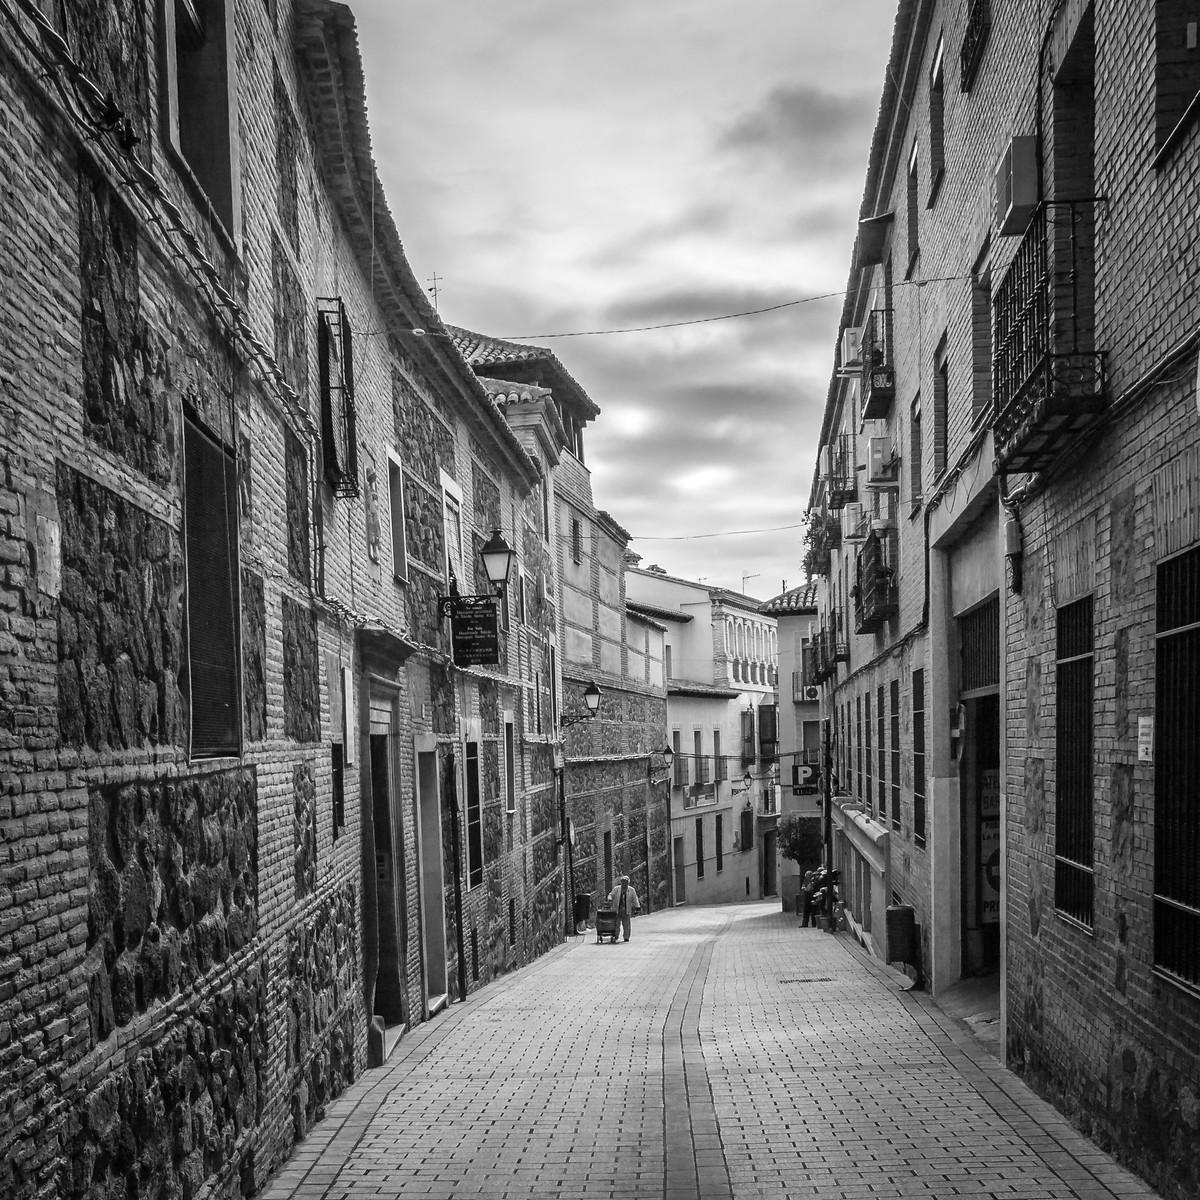 西班牙小镇,那些幽静的小石路_图1-2